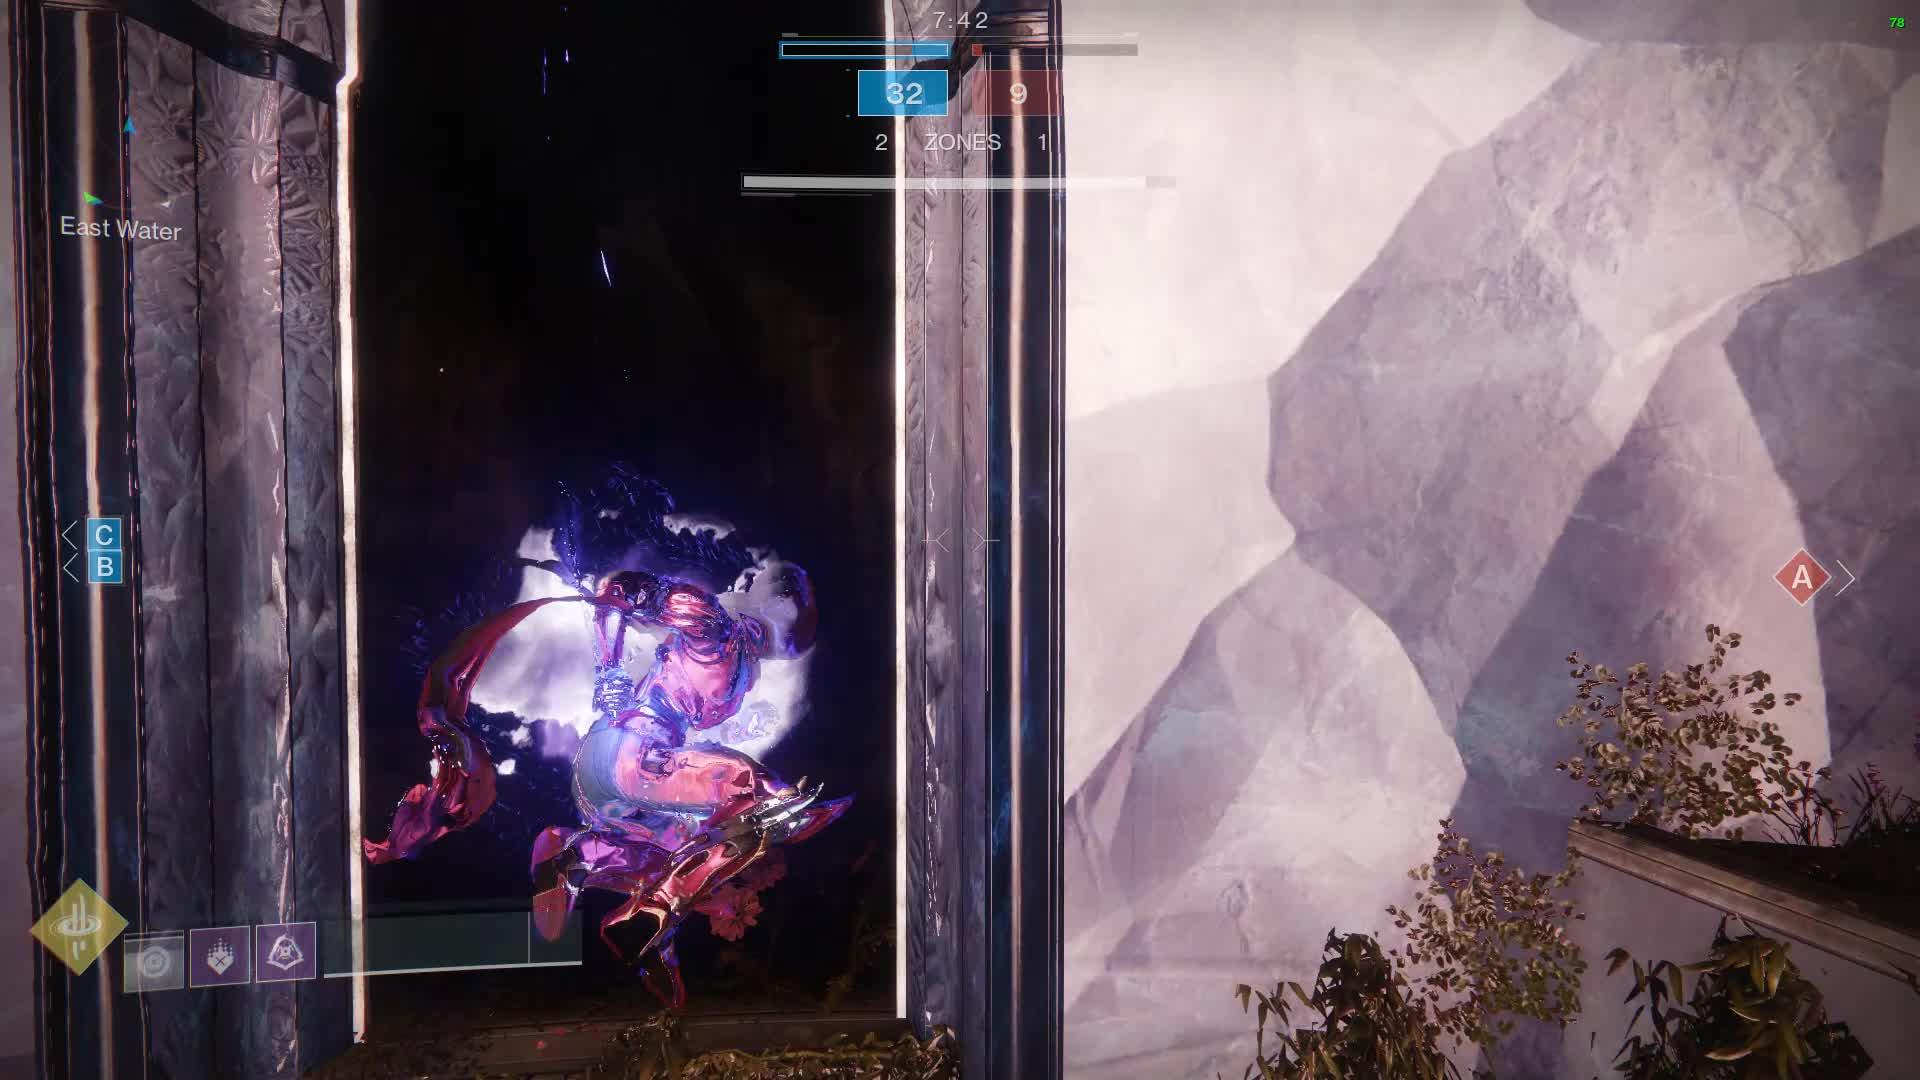 destiny2, destinythegame, Destiny 2 2019.03.13 - 15.23.32.02.DVR GIFs